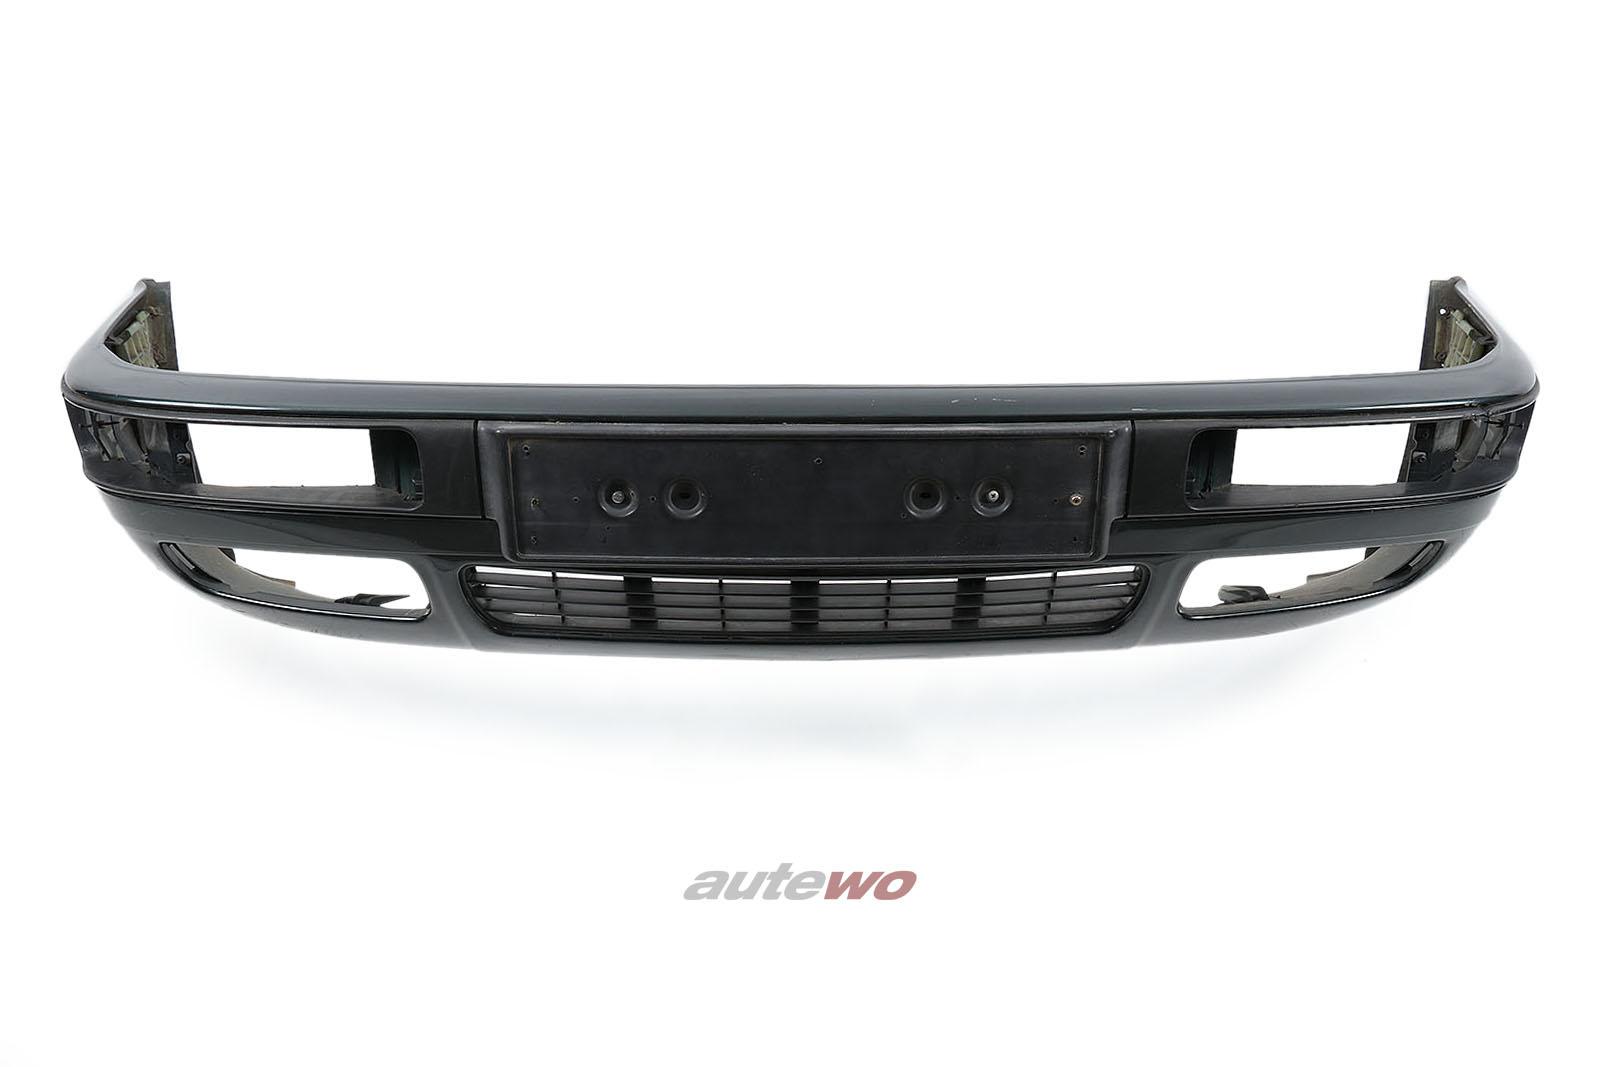 8A0807103H Audi 80 B4 Frontstoßstange für NSW & Blinker Dunkelgrün